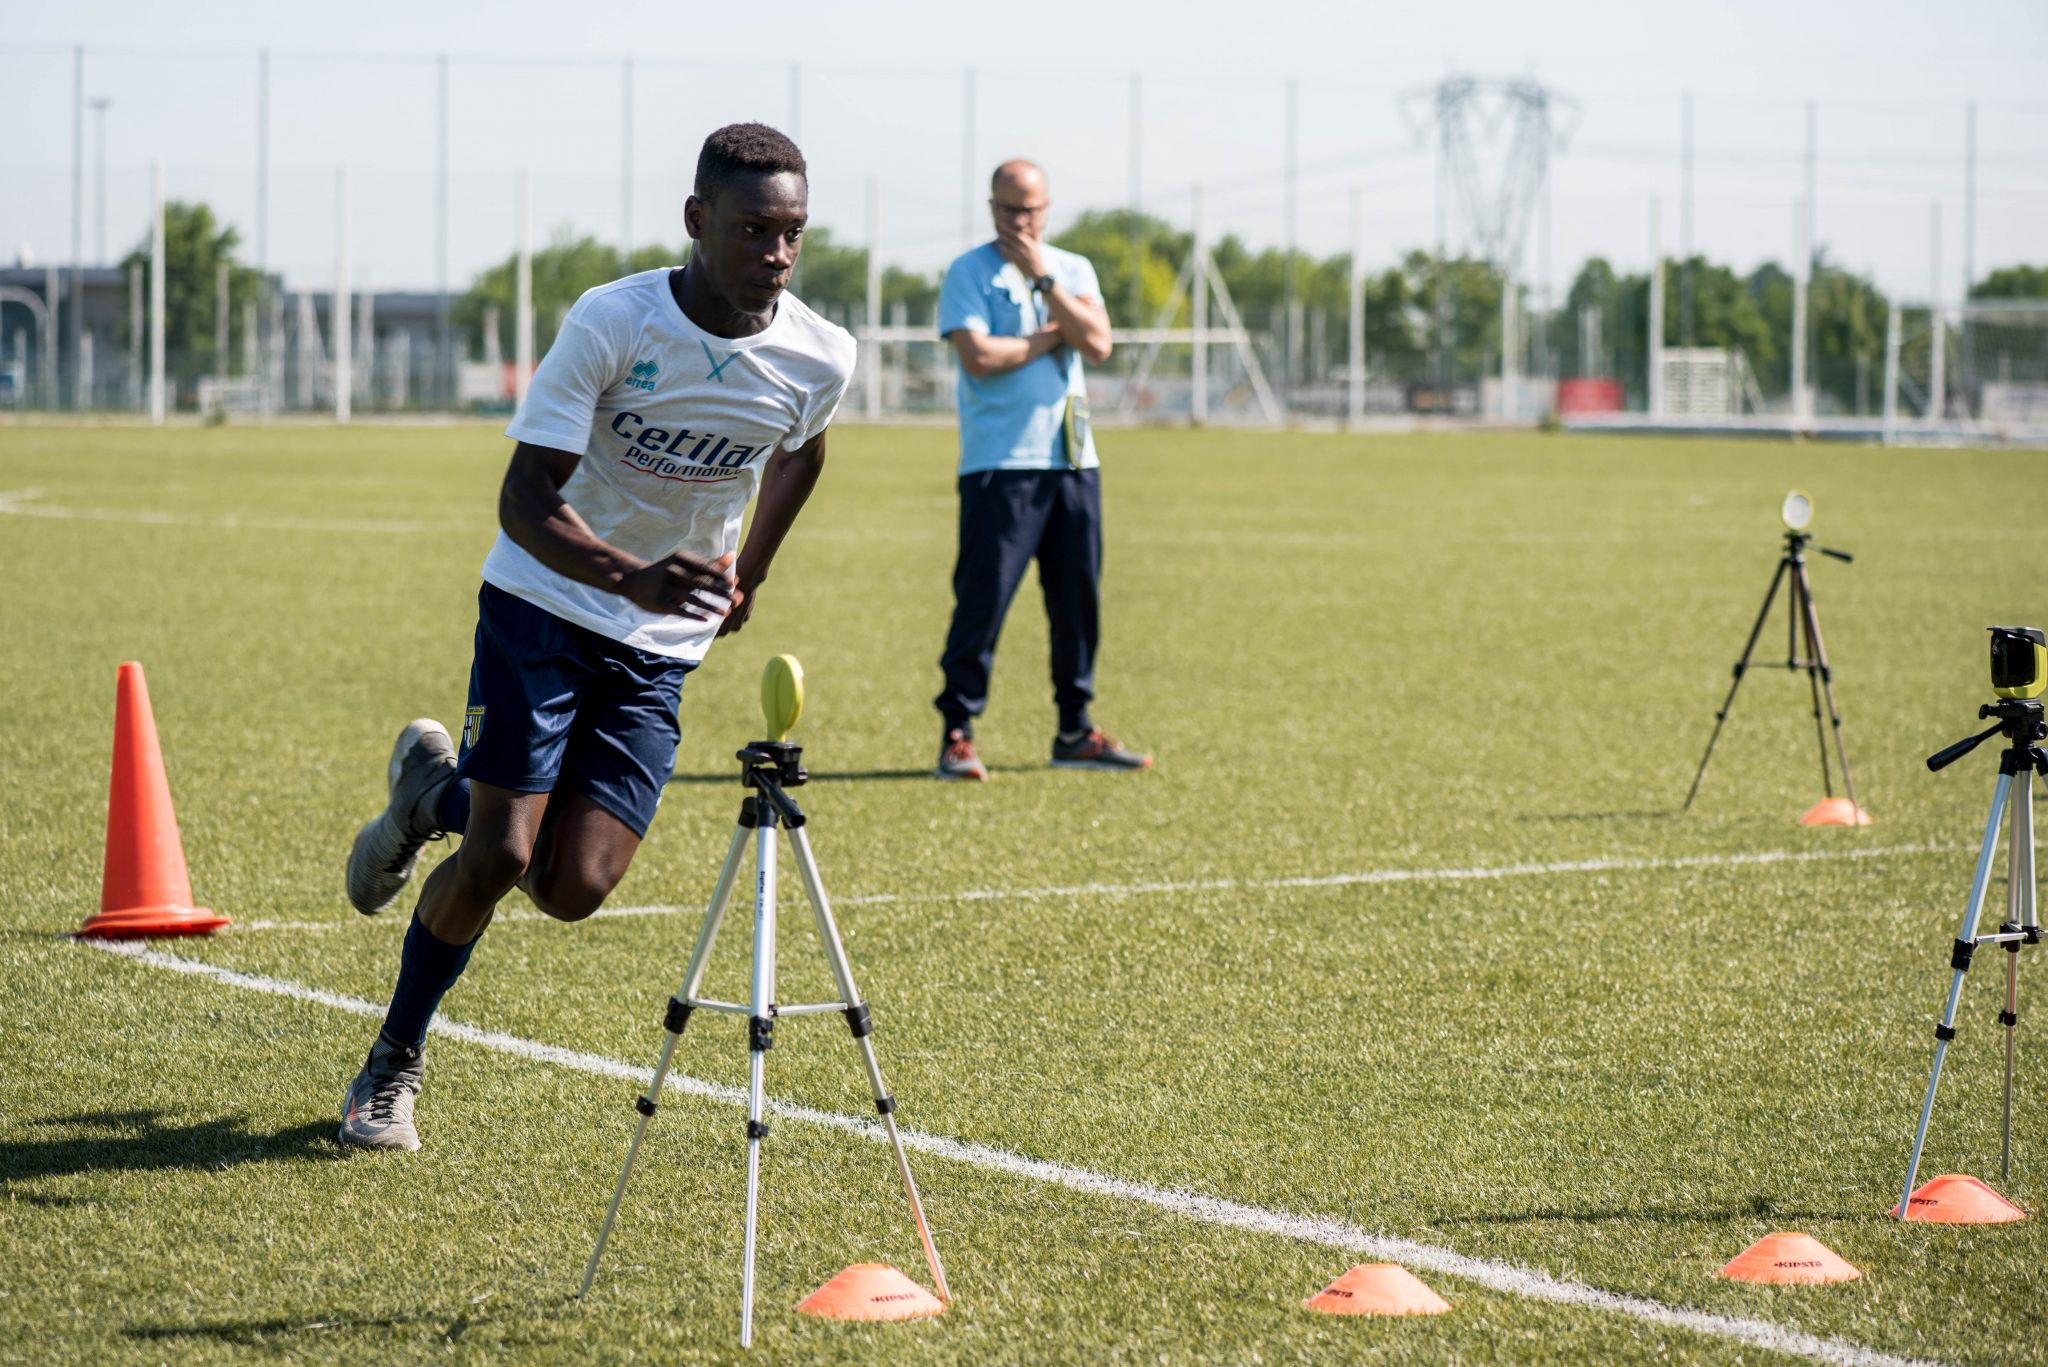 Caratteristiche antropometriche e prestazioni sportive test sul campo con parma calcio